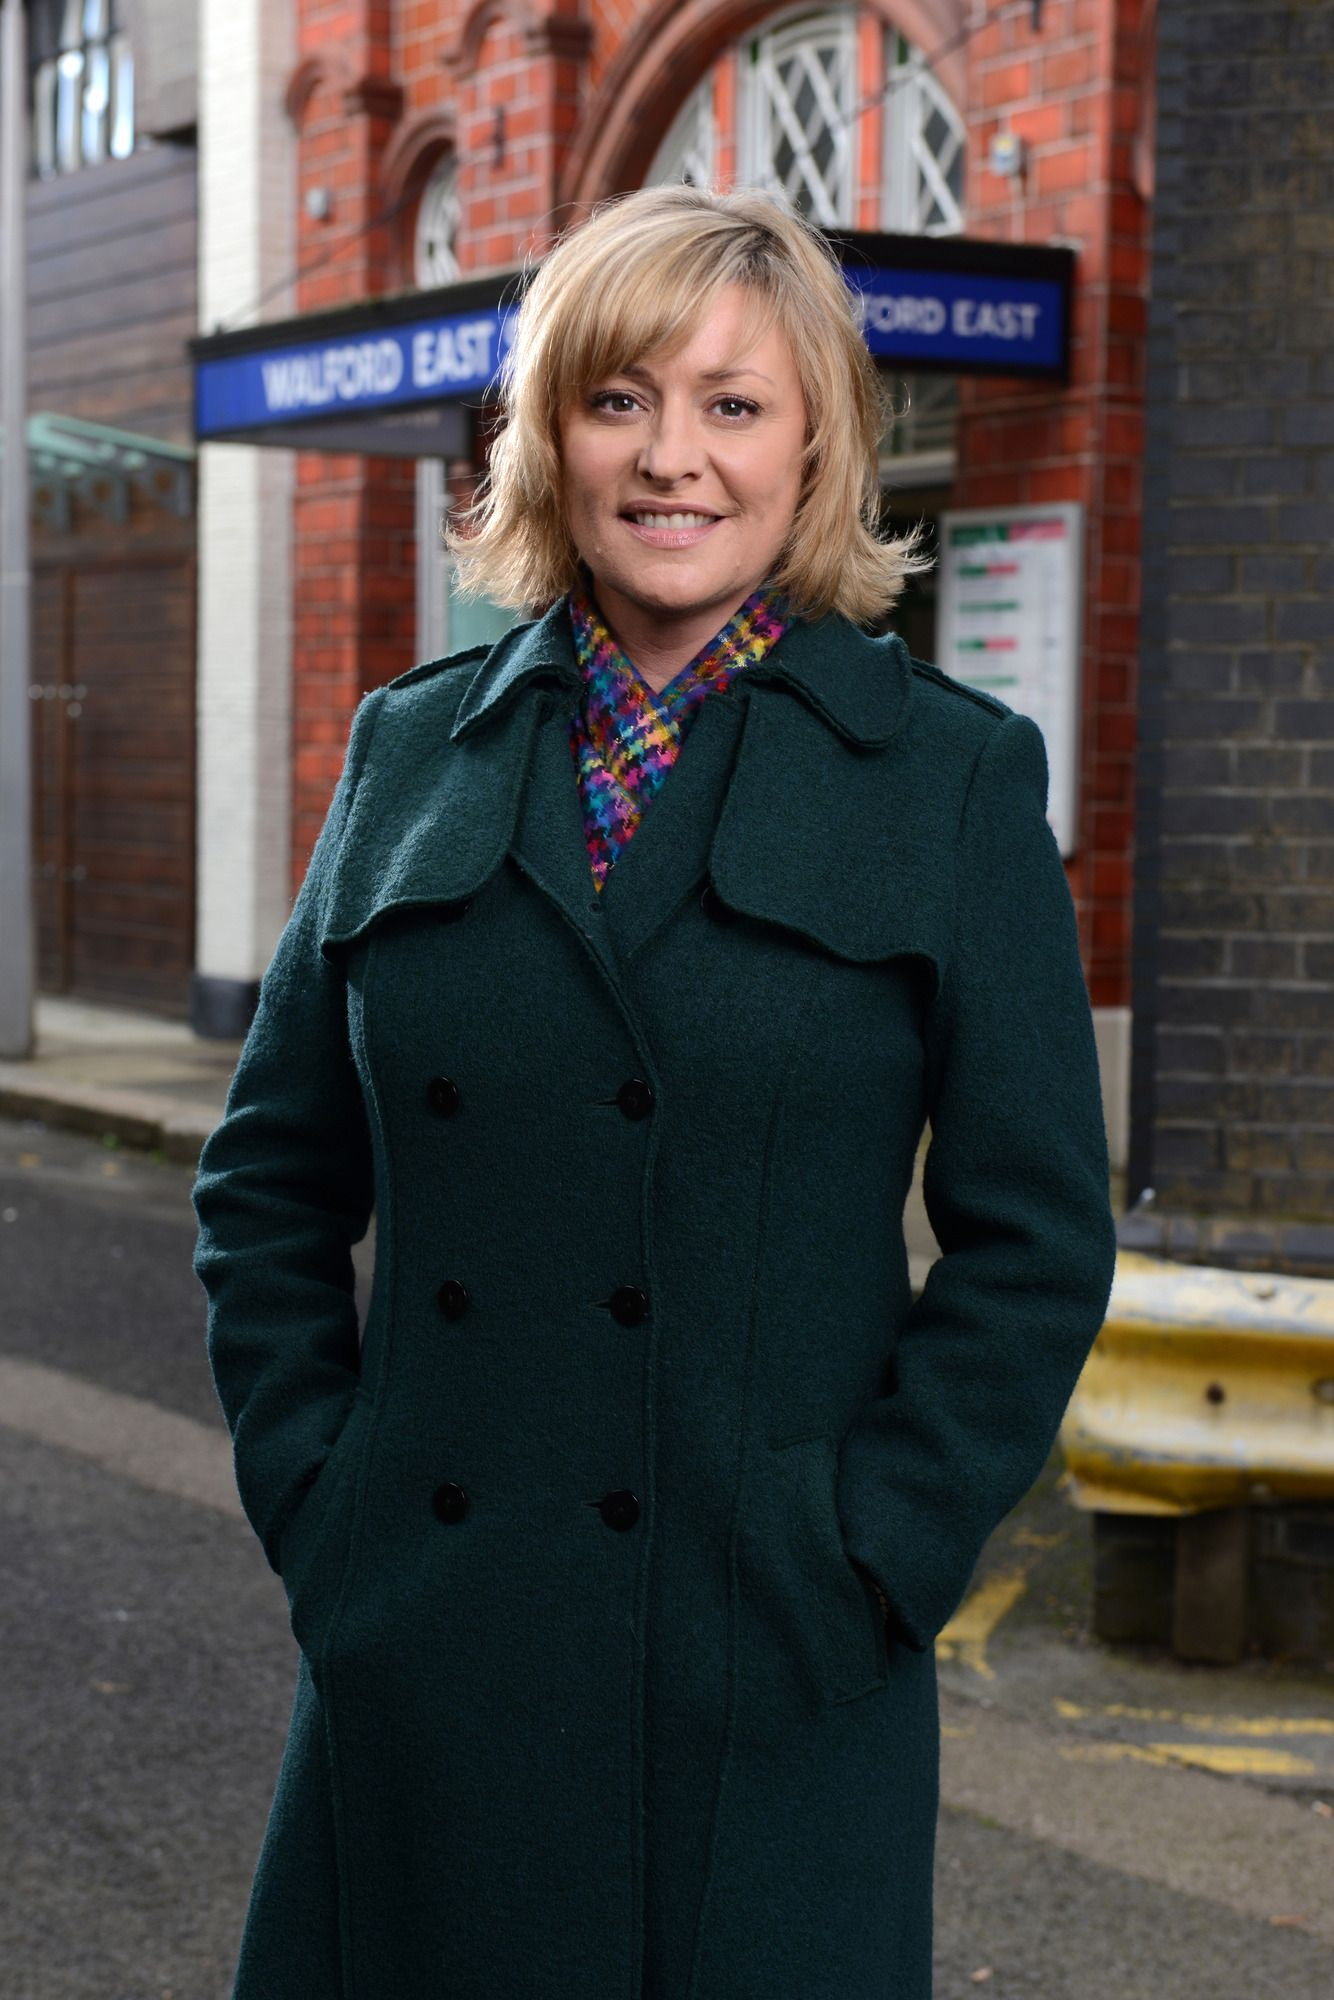 Former EastEnders star Laurie Brett reveals whether she'd return as Jane Beale